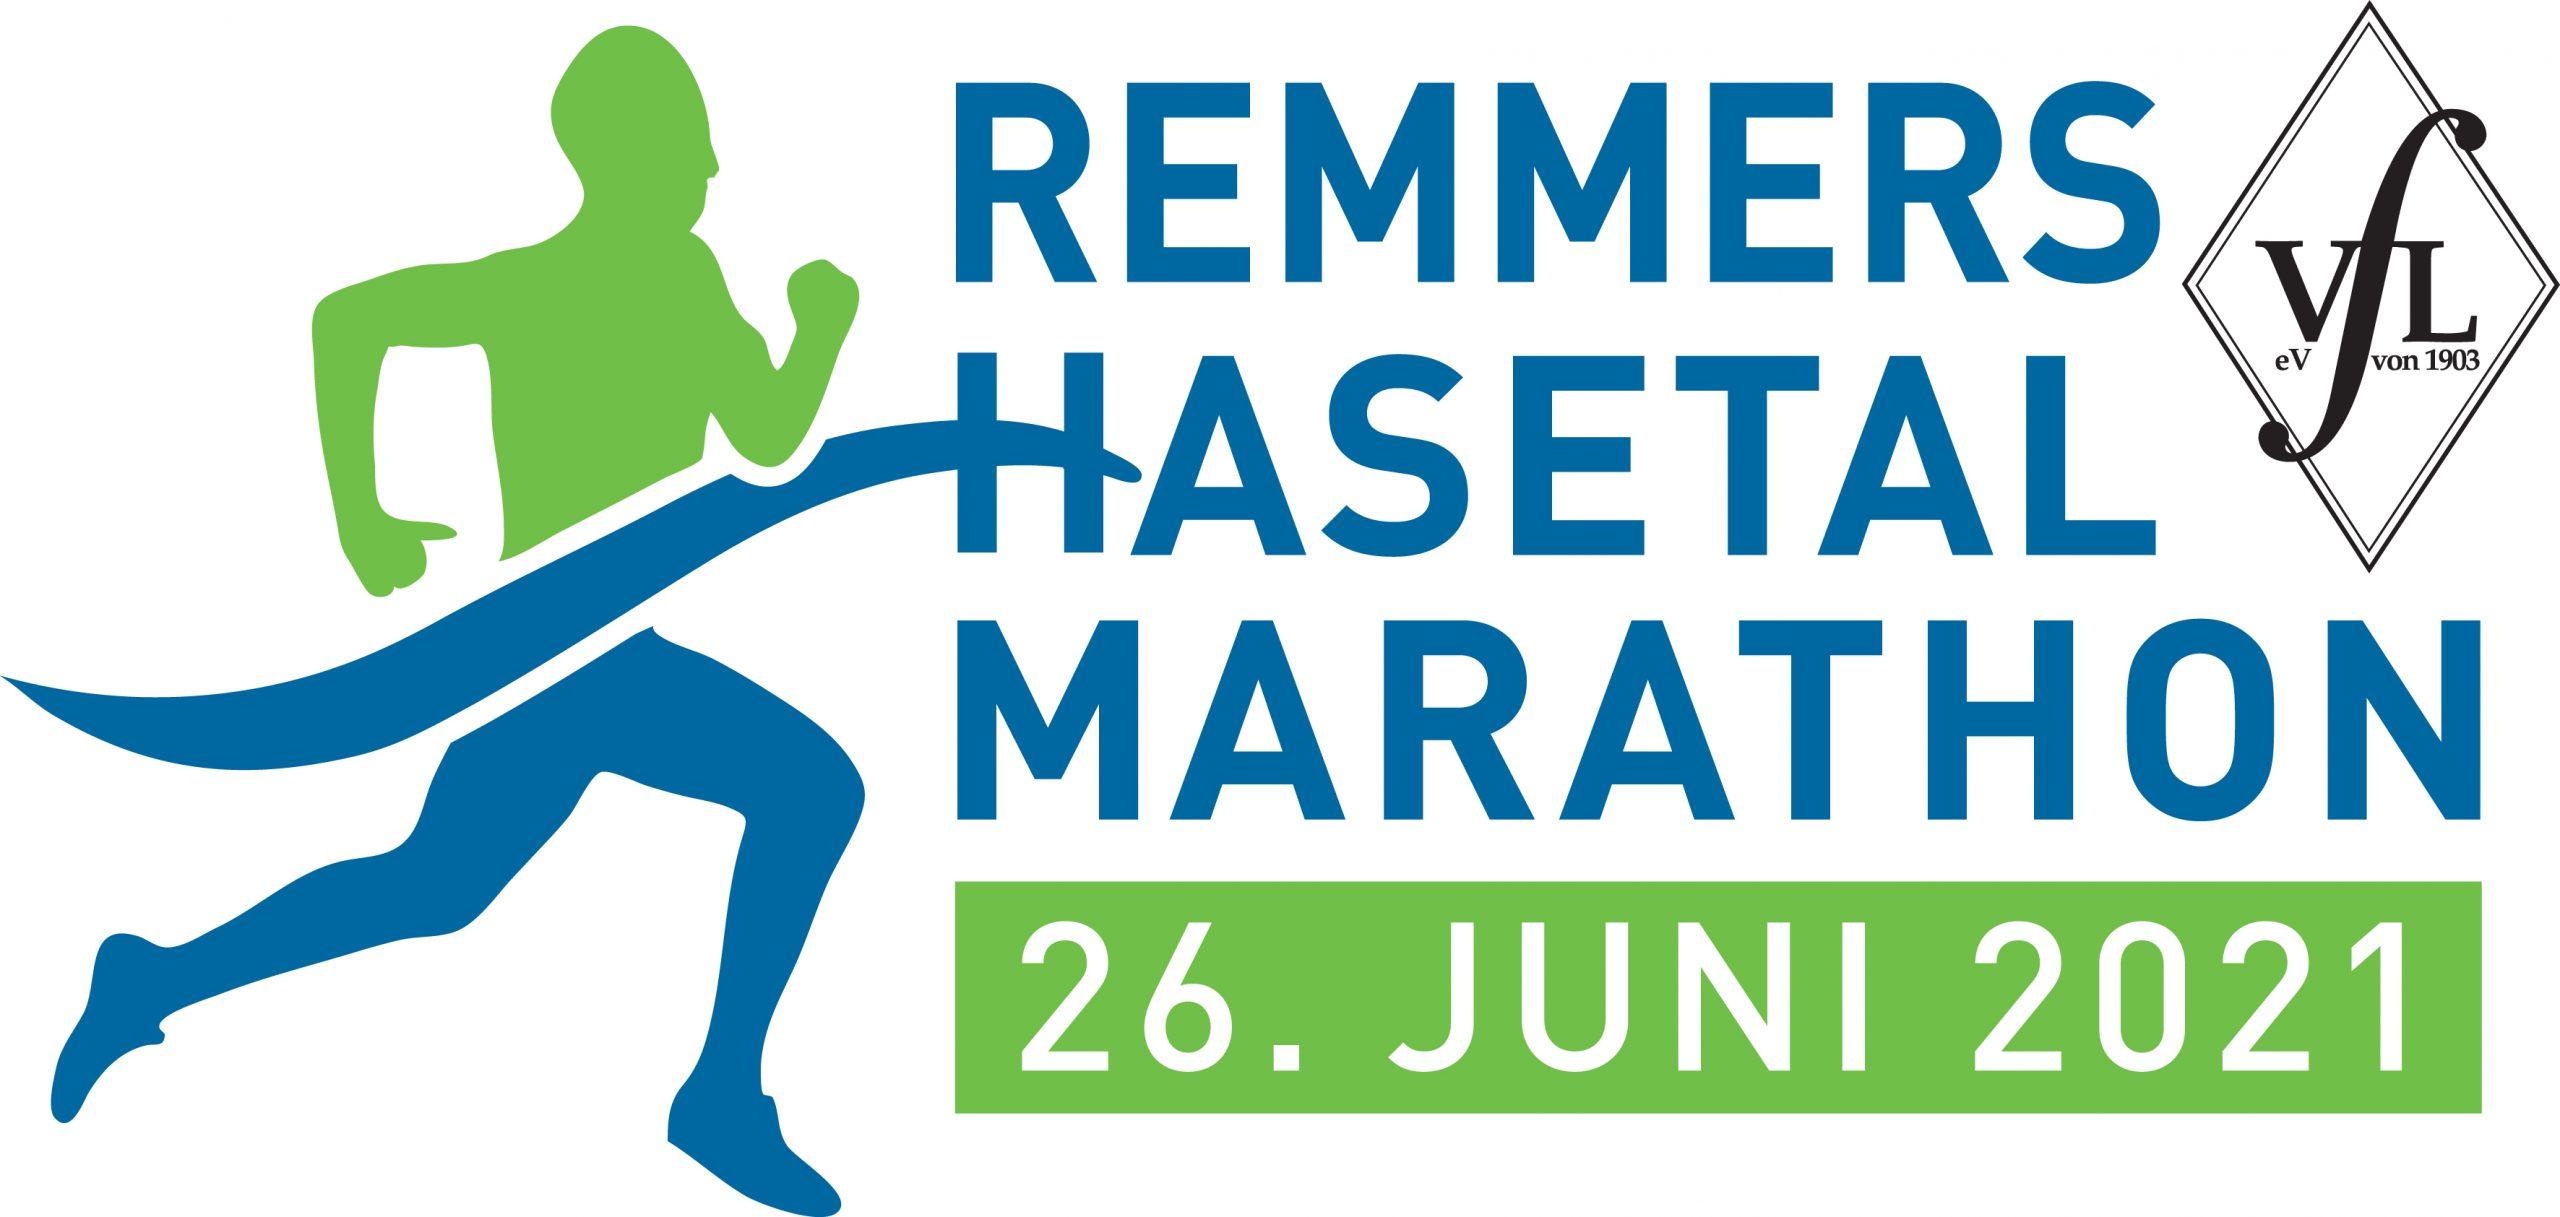 Hasetal Marathon Logo 2021 scaled